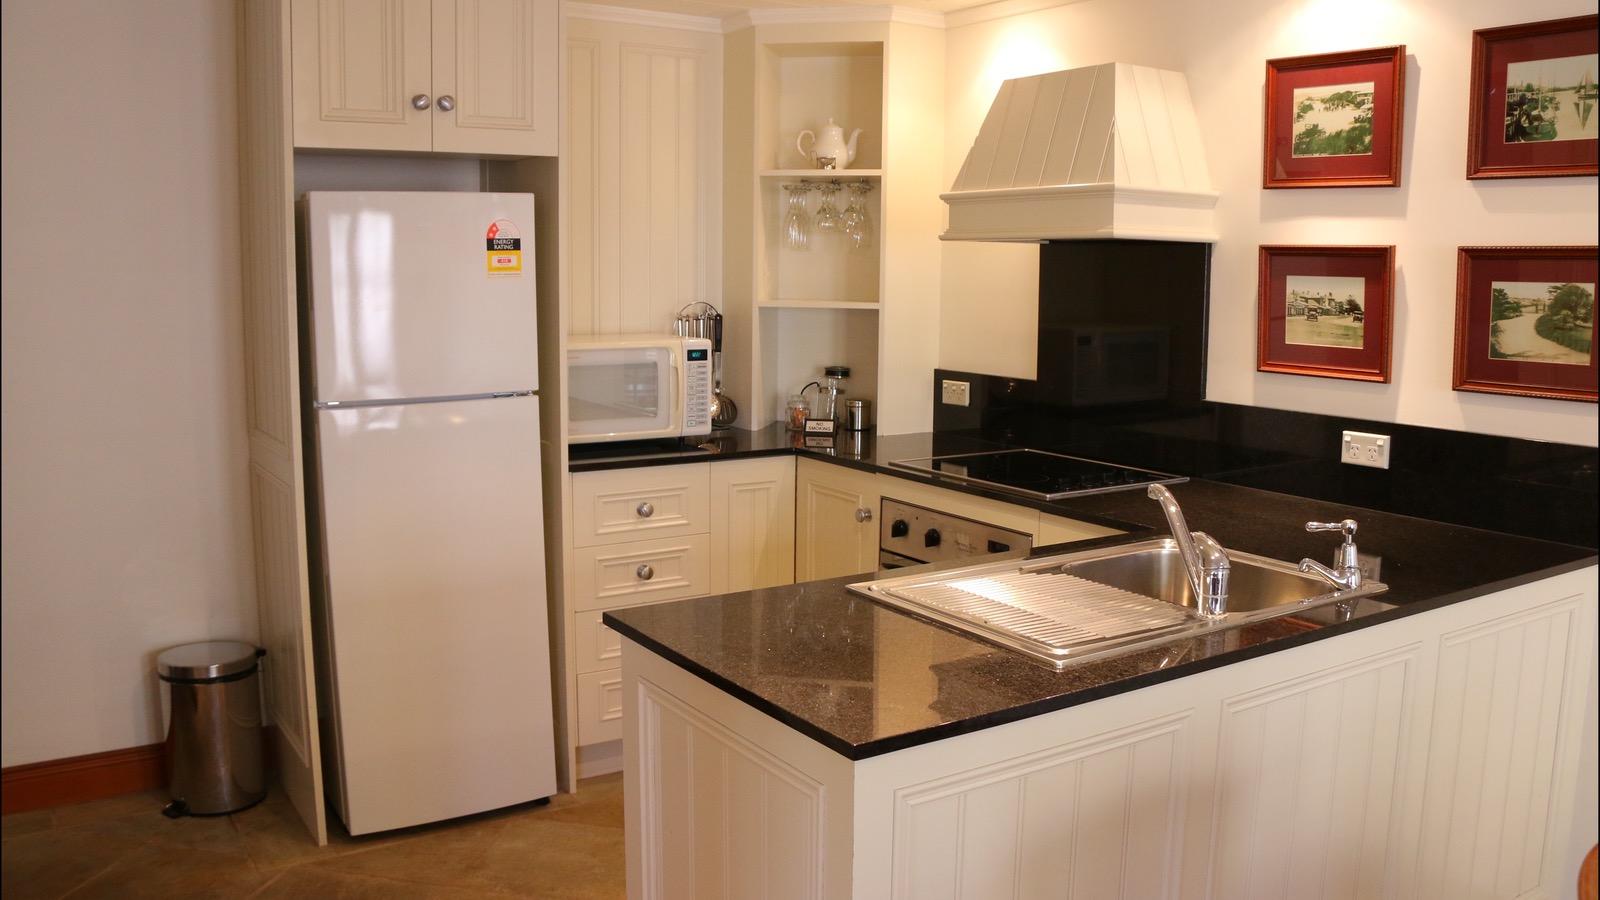 King suite apartment kitchen